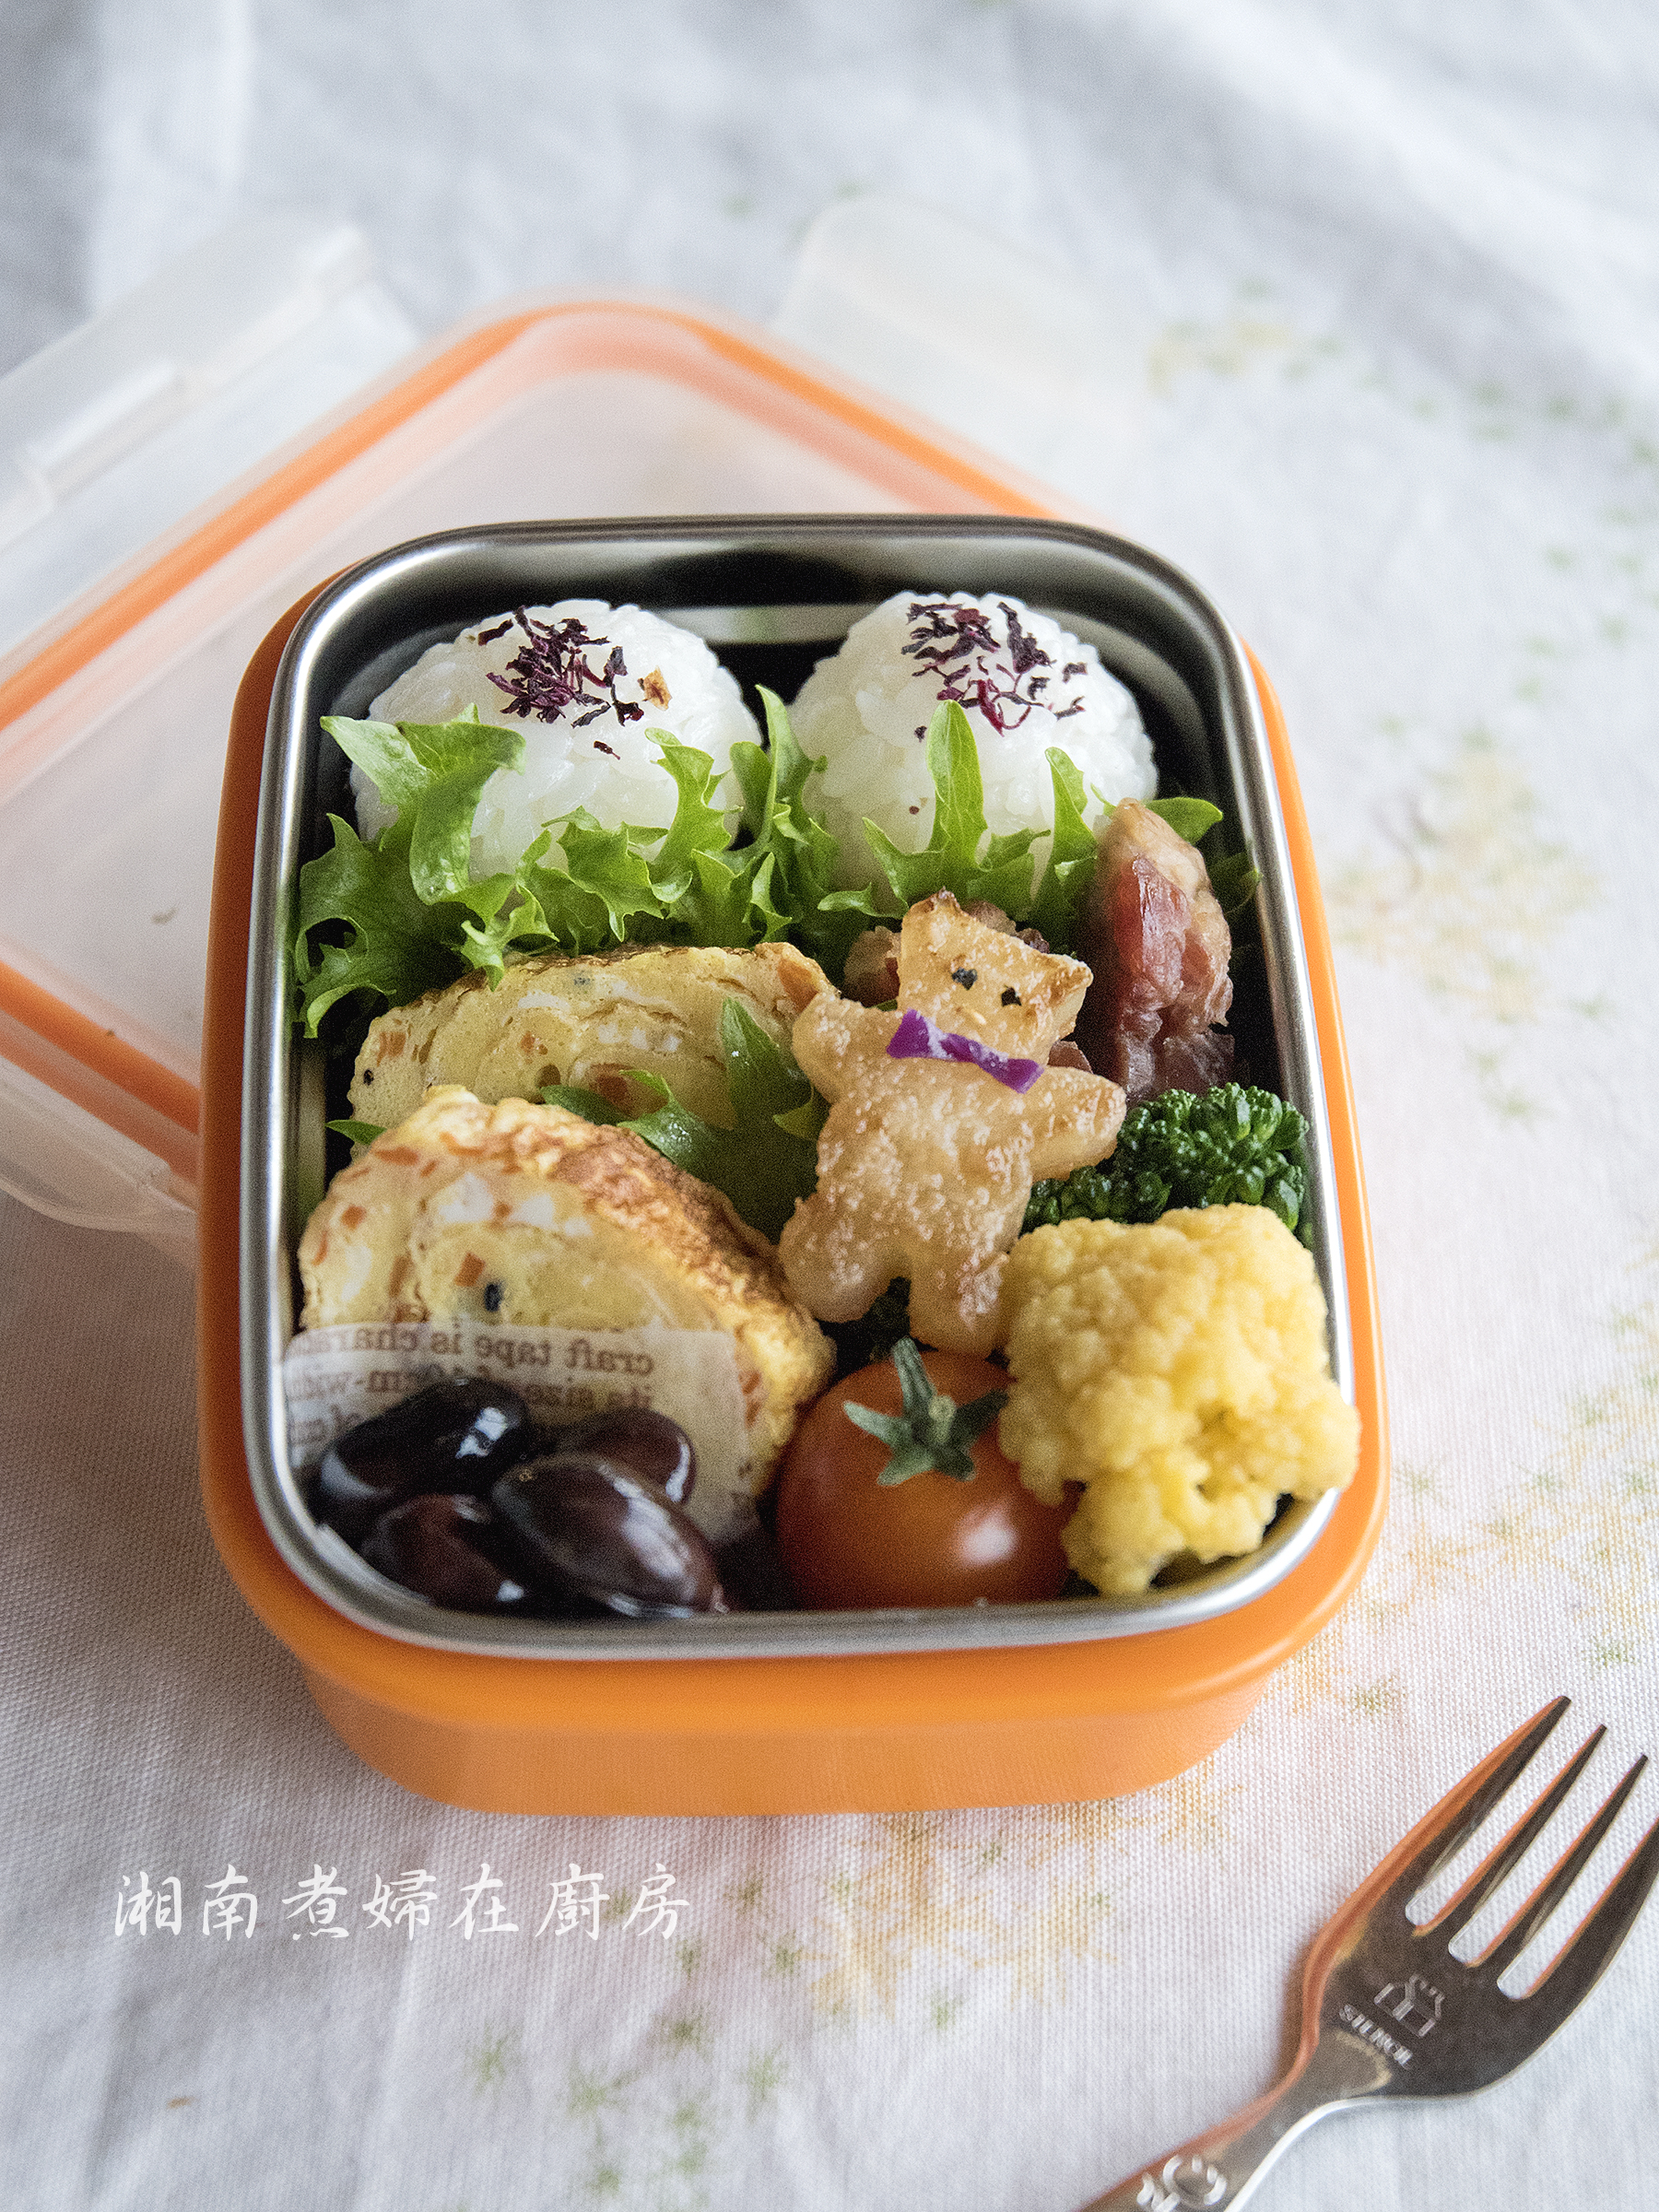 [幼稚園午餐] 胡蘿蔔黑芝麻蛋捲便當 – 湘南煮婦在廚房